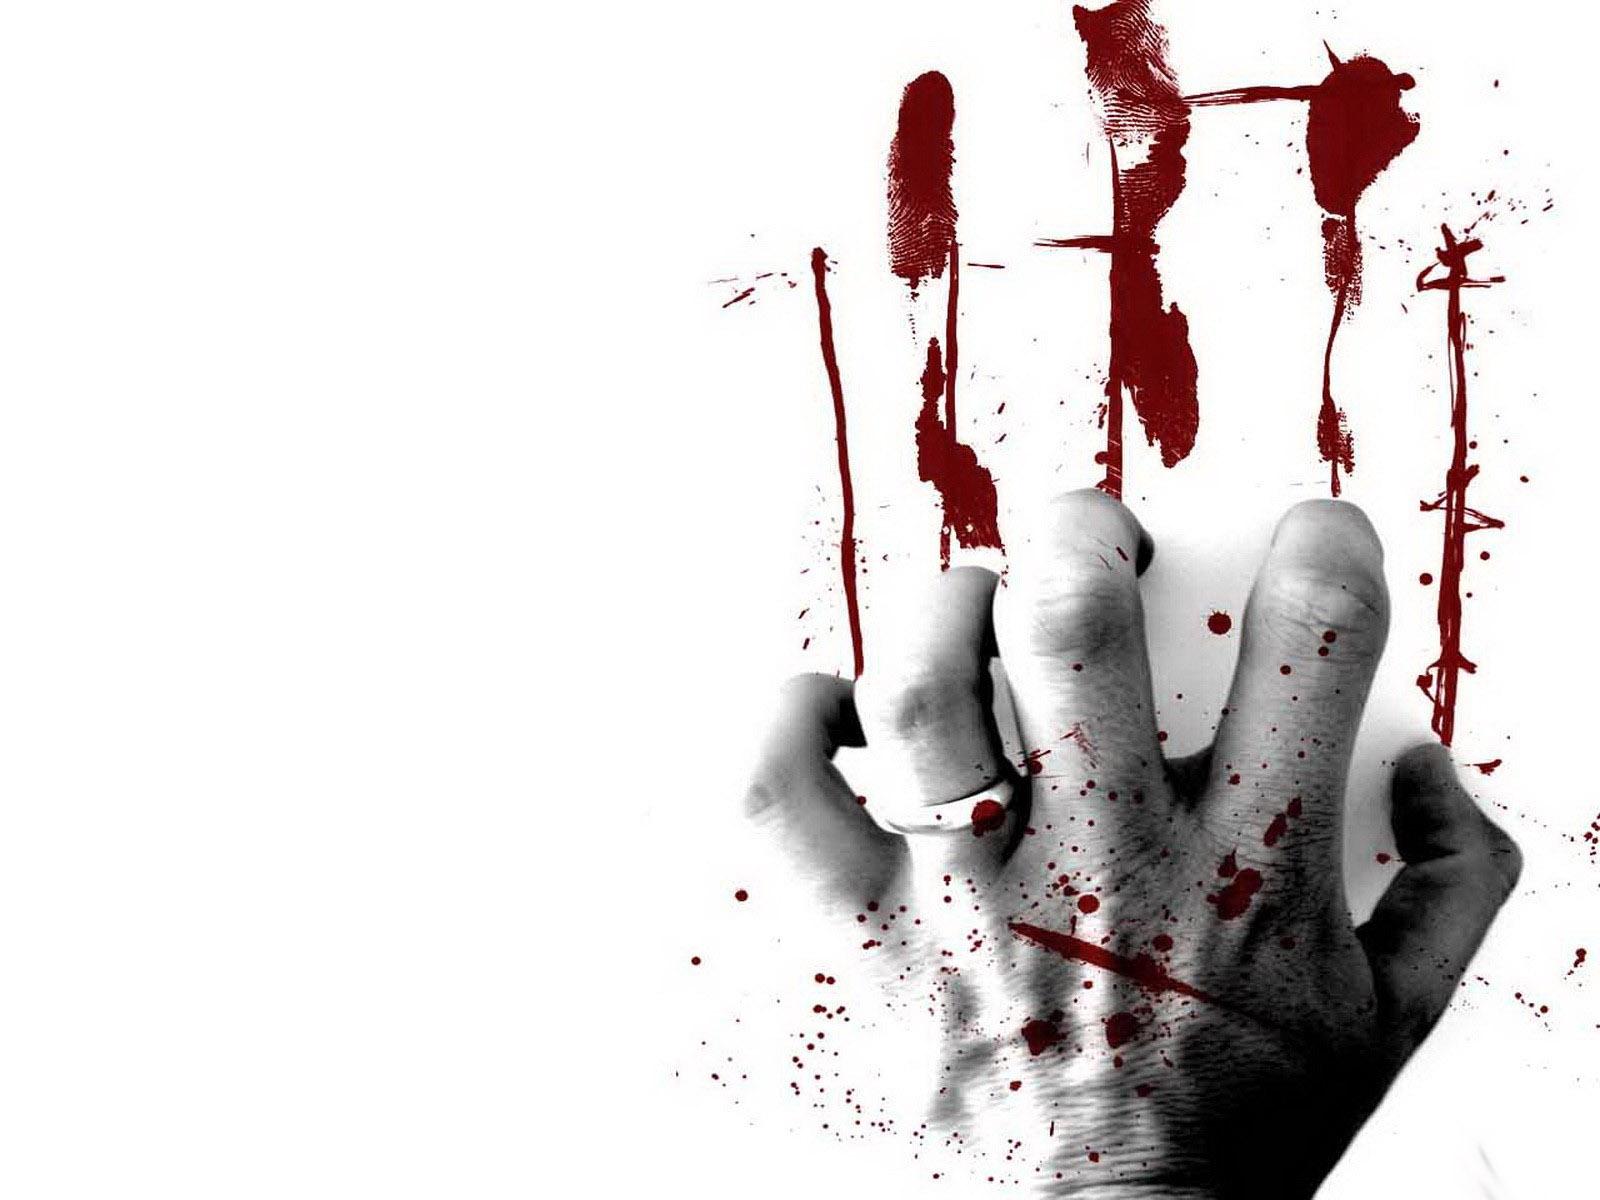 http://4.bp.blogspot.com/-9fHtuxG6OdQ/UHU1EWi64uI/AAAAAAAAAbQ/Z3qB93TLfm0/s1600/Horror+Wallpapers+Poze+Horor+Desktop.jpg